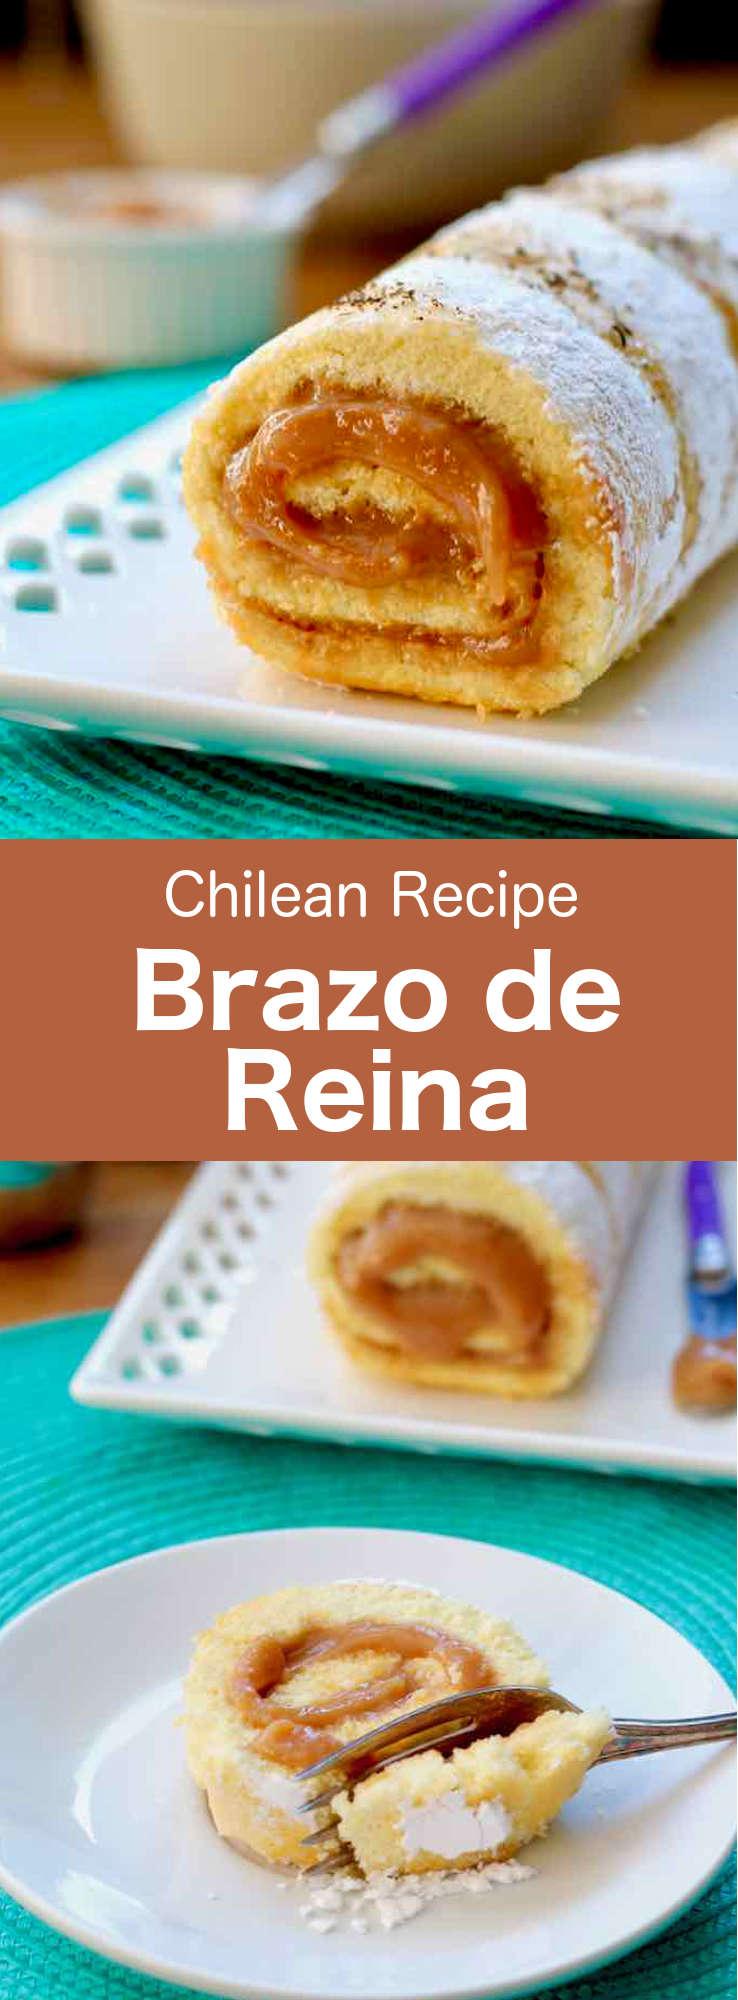 Le brazo de reina (aussi appelé pionono) est un délicieux gâteau roulé traditionnel chilien, fourré de dulce de leche et saupoudré de noix de coco. #Chile #ChileanCuisine #ChileanRecipe #ChileanFood #WorldCuisine #196flavors